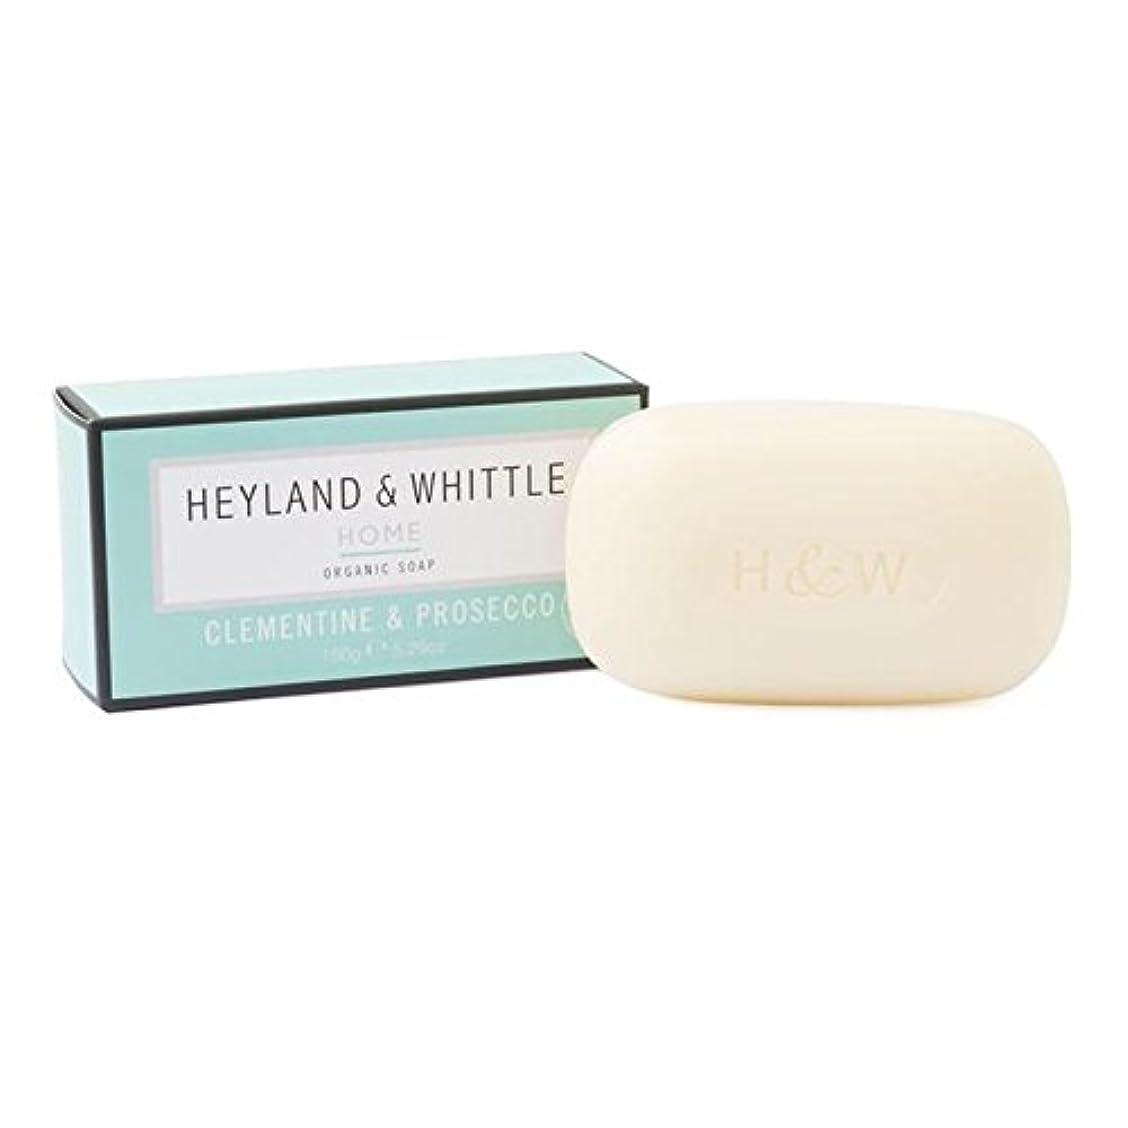 シリアル不格好混合した&削るホームクレメンタイン&プロセッコ有機石鹸150グラム x2 - Heyland & Whittle Home Clementine & Prosecco Organic Soap 150g (Pack of 2) [並行輸入品]